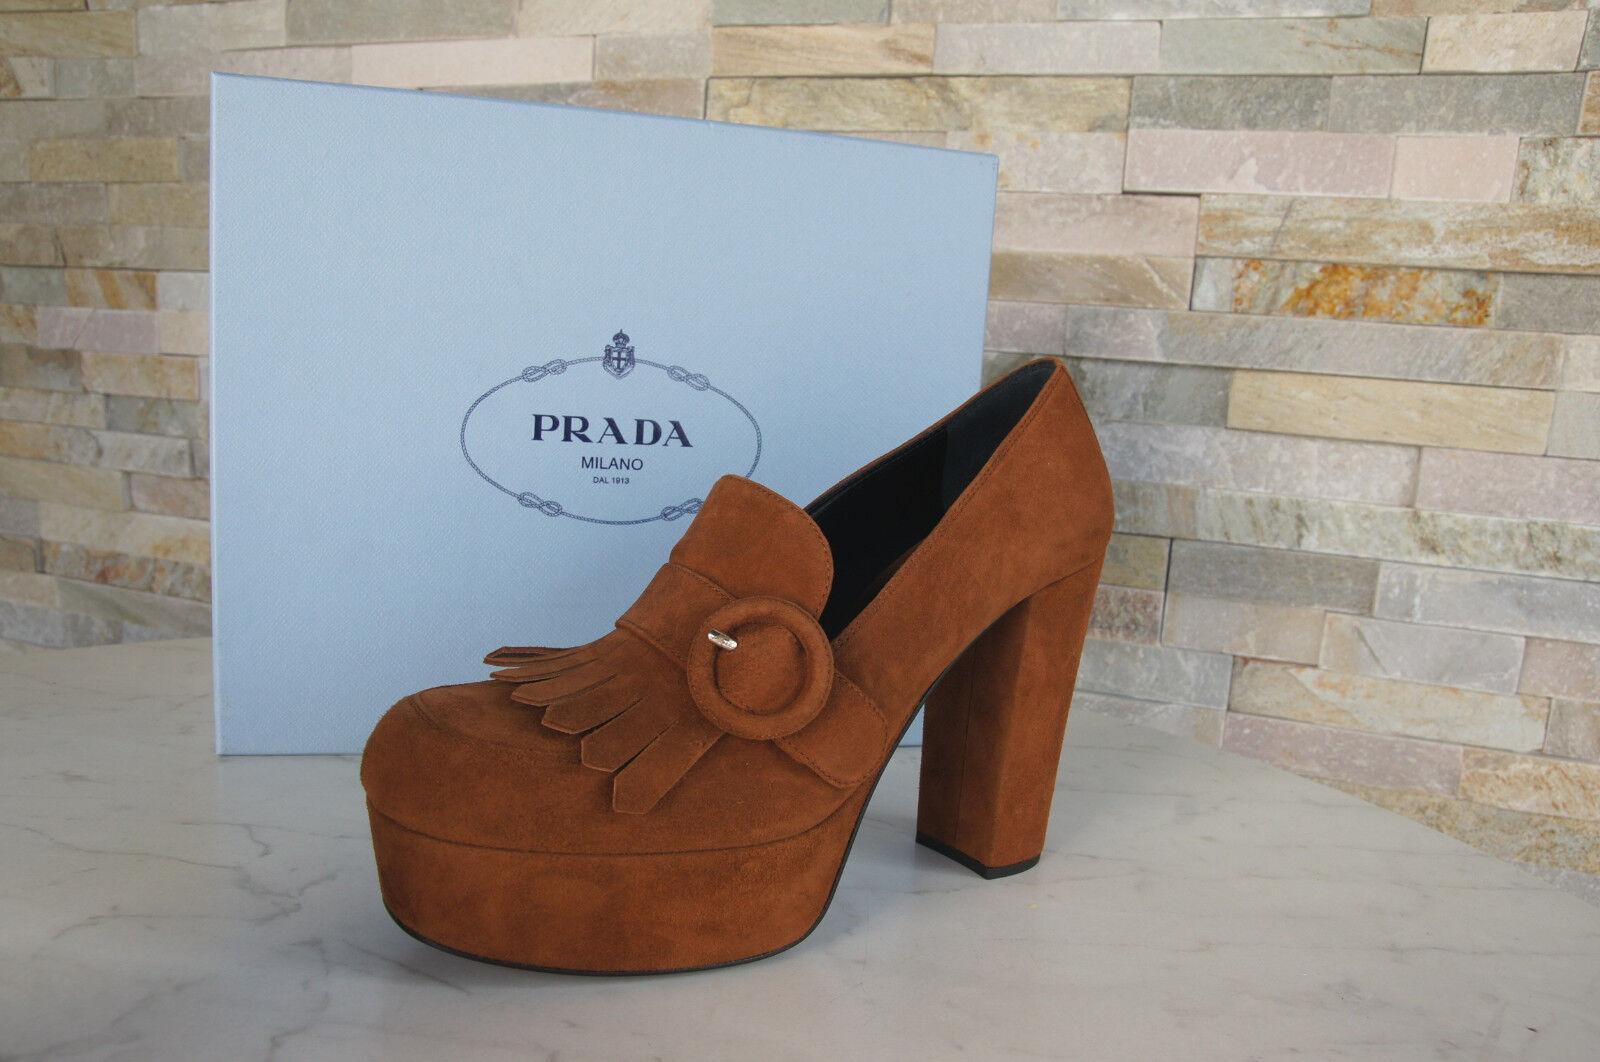 Luxus Prada Gr 36 Pumps Plateau Schuhe Heels 1D889G braun neu